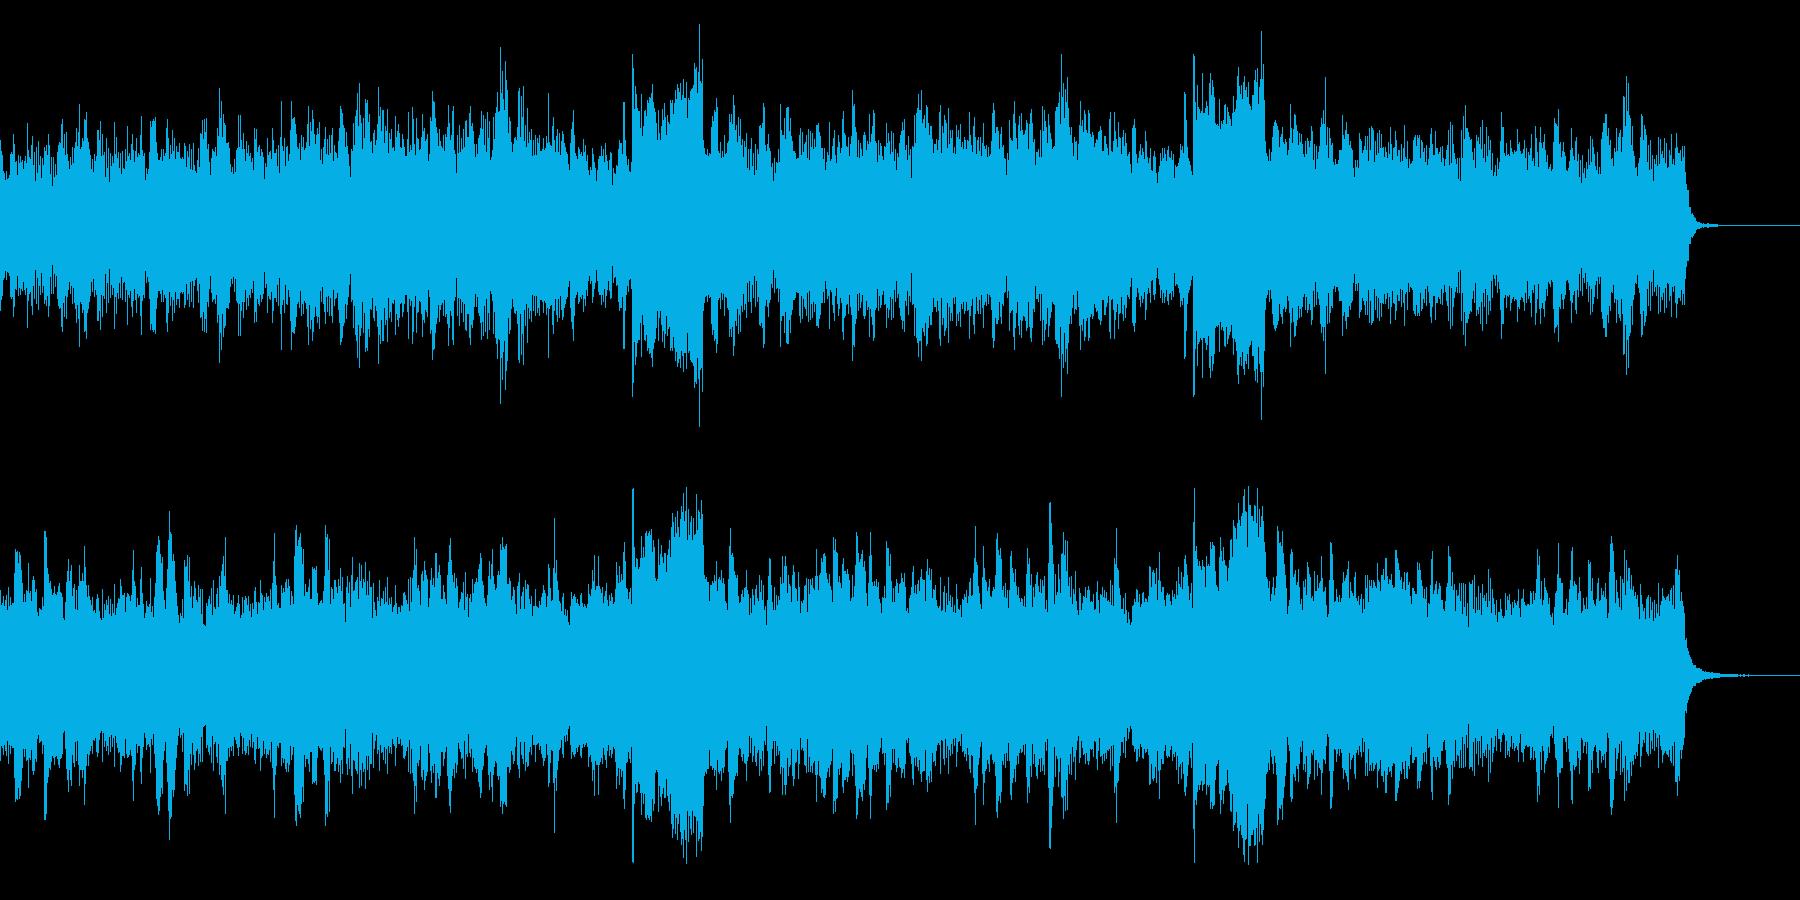 落ち着いた感じのアコースティック楽曲の再生済みの波形